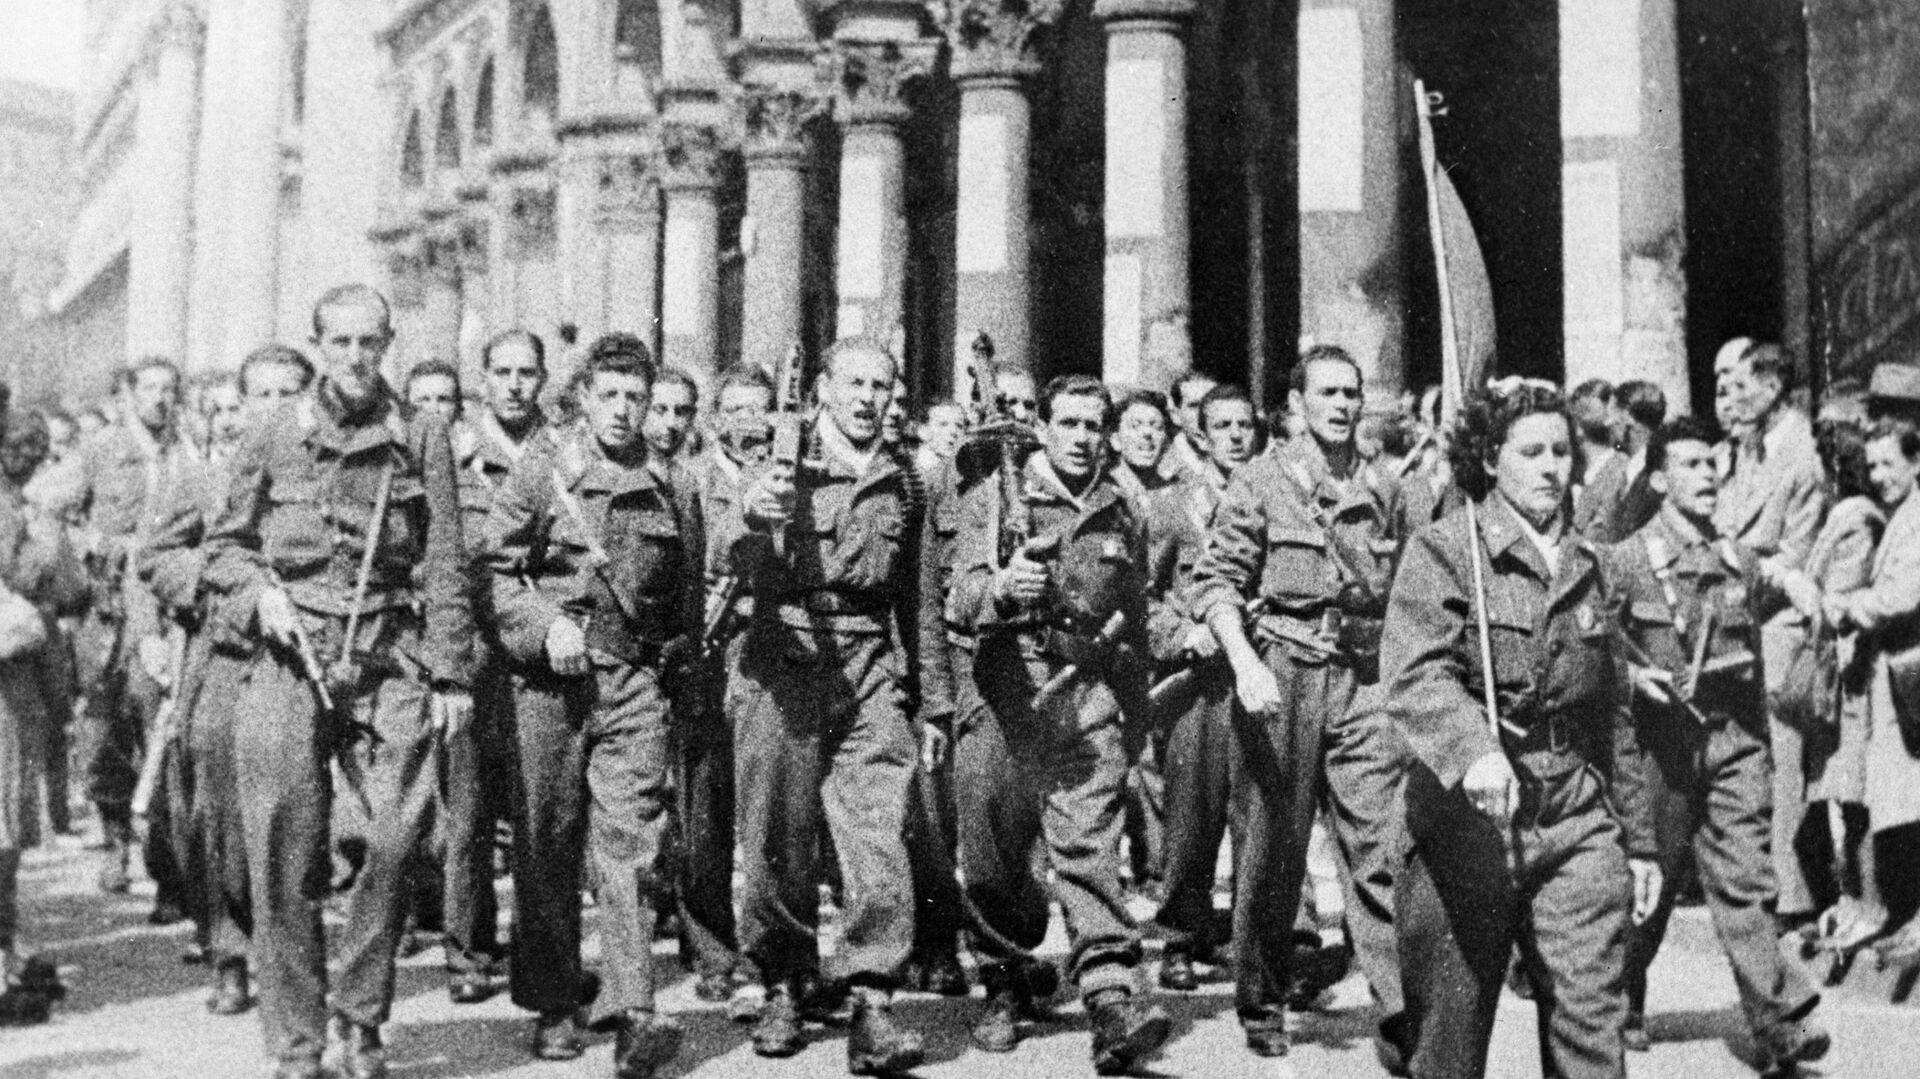 Partyzanci z włoskiego ruchu oporu. II wojna światowa. Mediolan. - Sputnik Polska, 1920, 15.08.2021